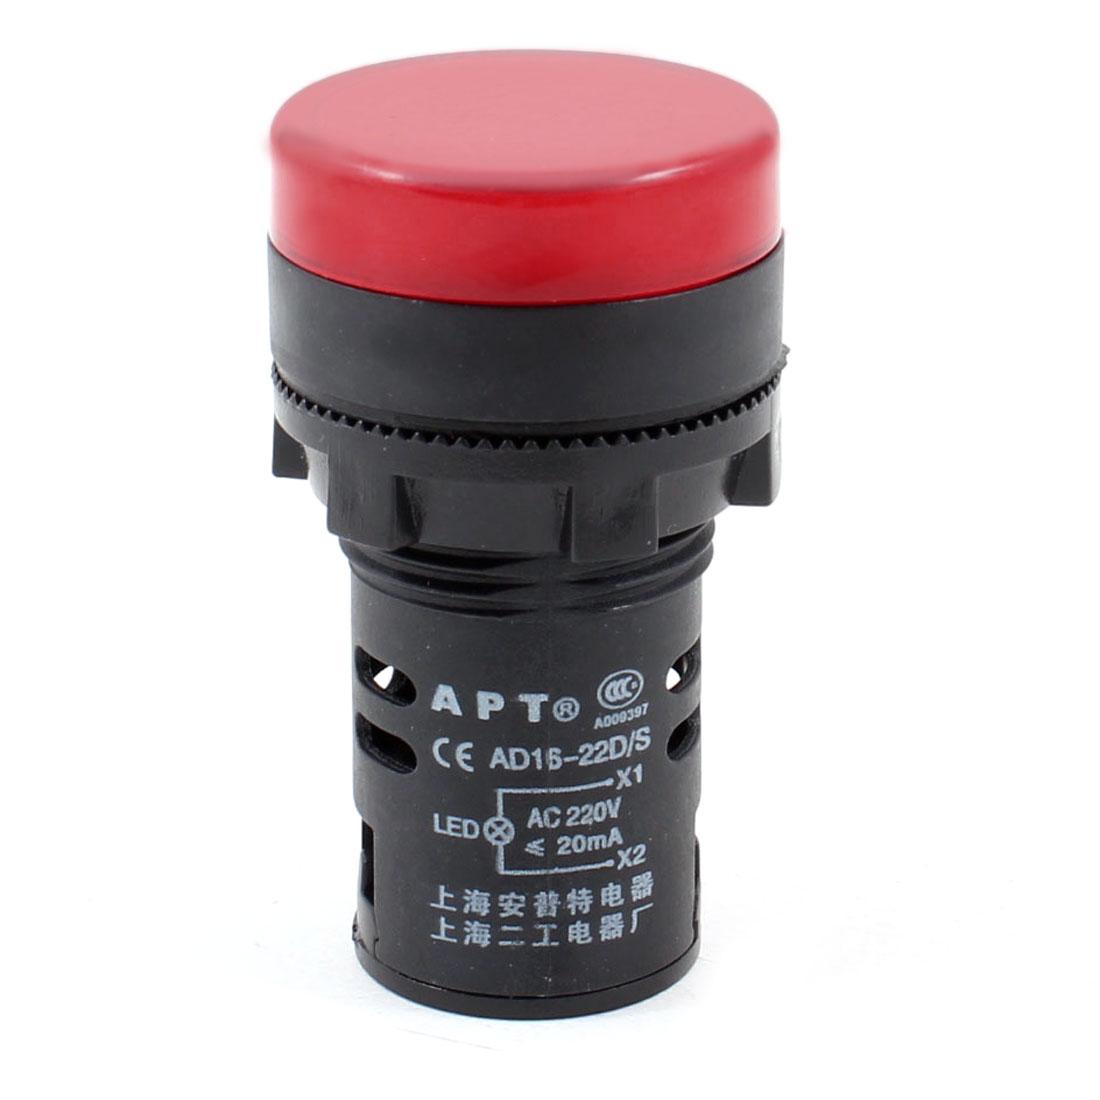 AC 220V 20mA Plastic LED Signals Light Lamp Red AD16-22D/S